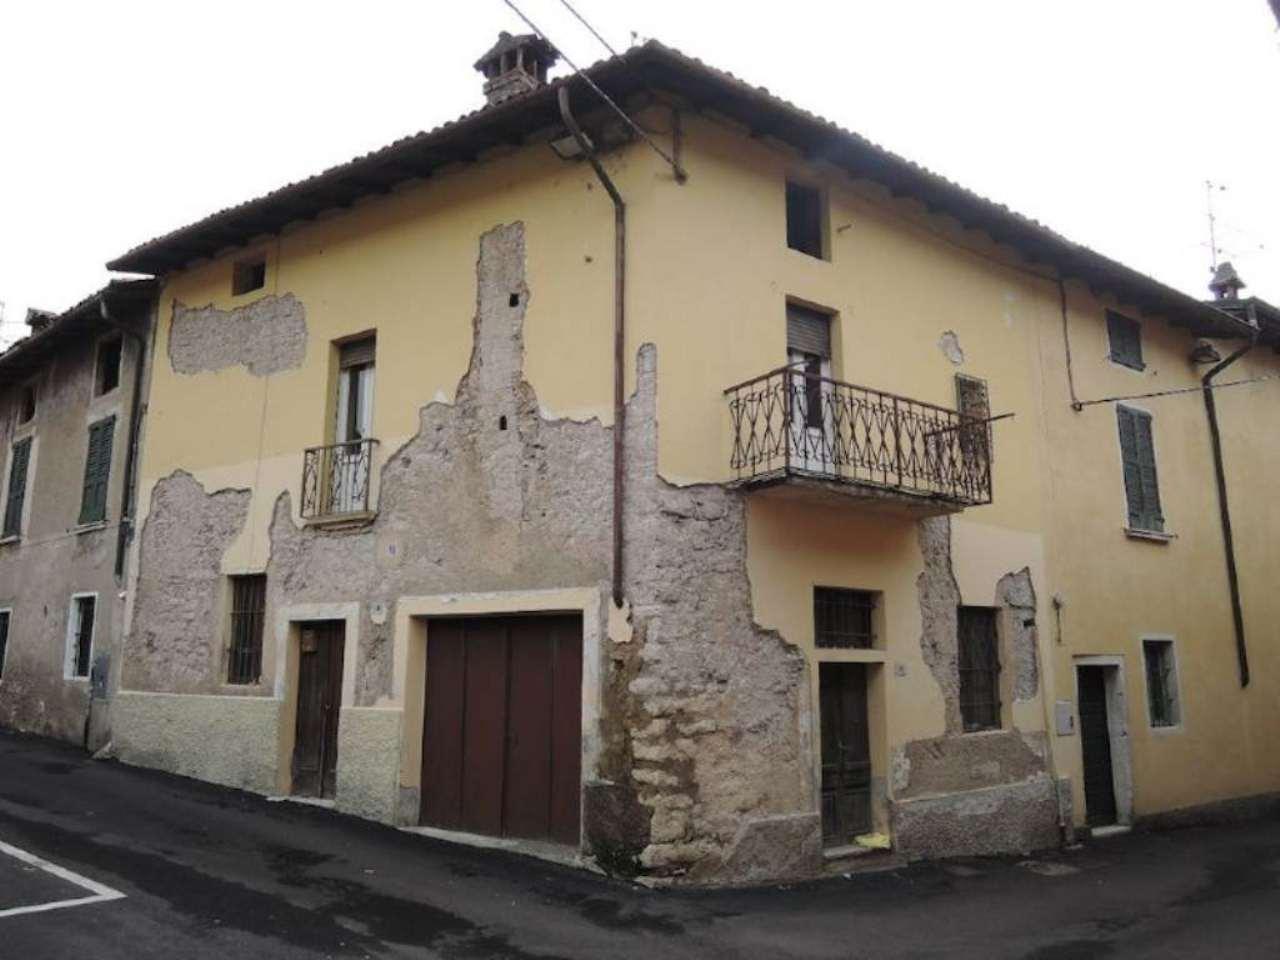 Palazzo / Stabile in vendita a Cellatica, 3 locali, prezzo € 75.000 | Cambio Casa.it